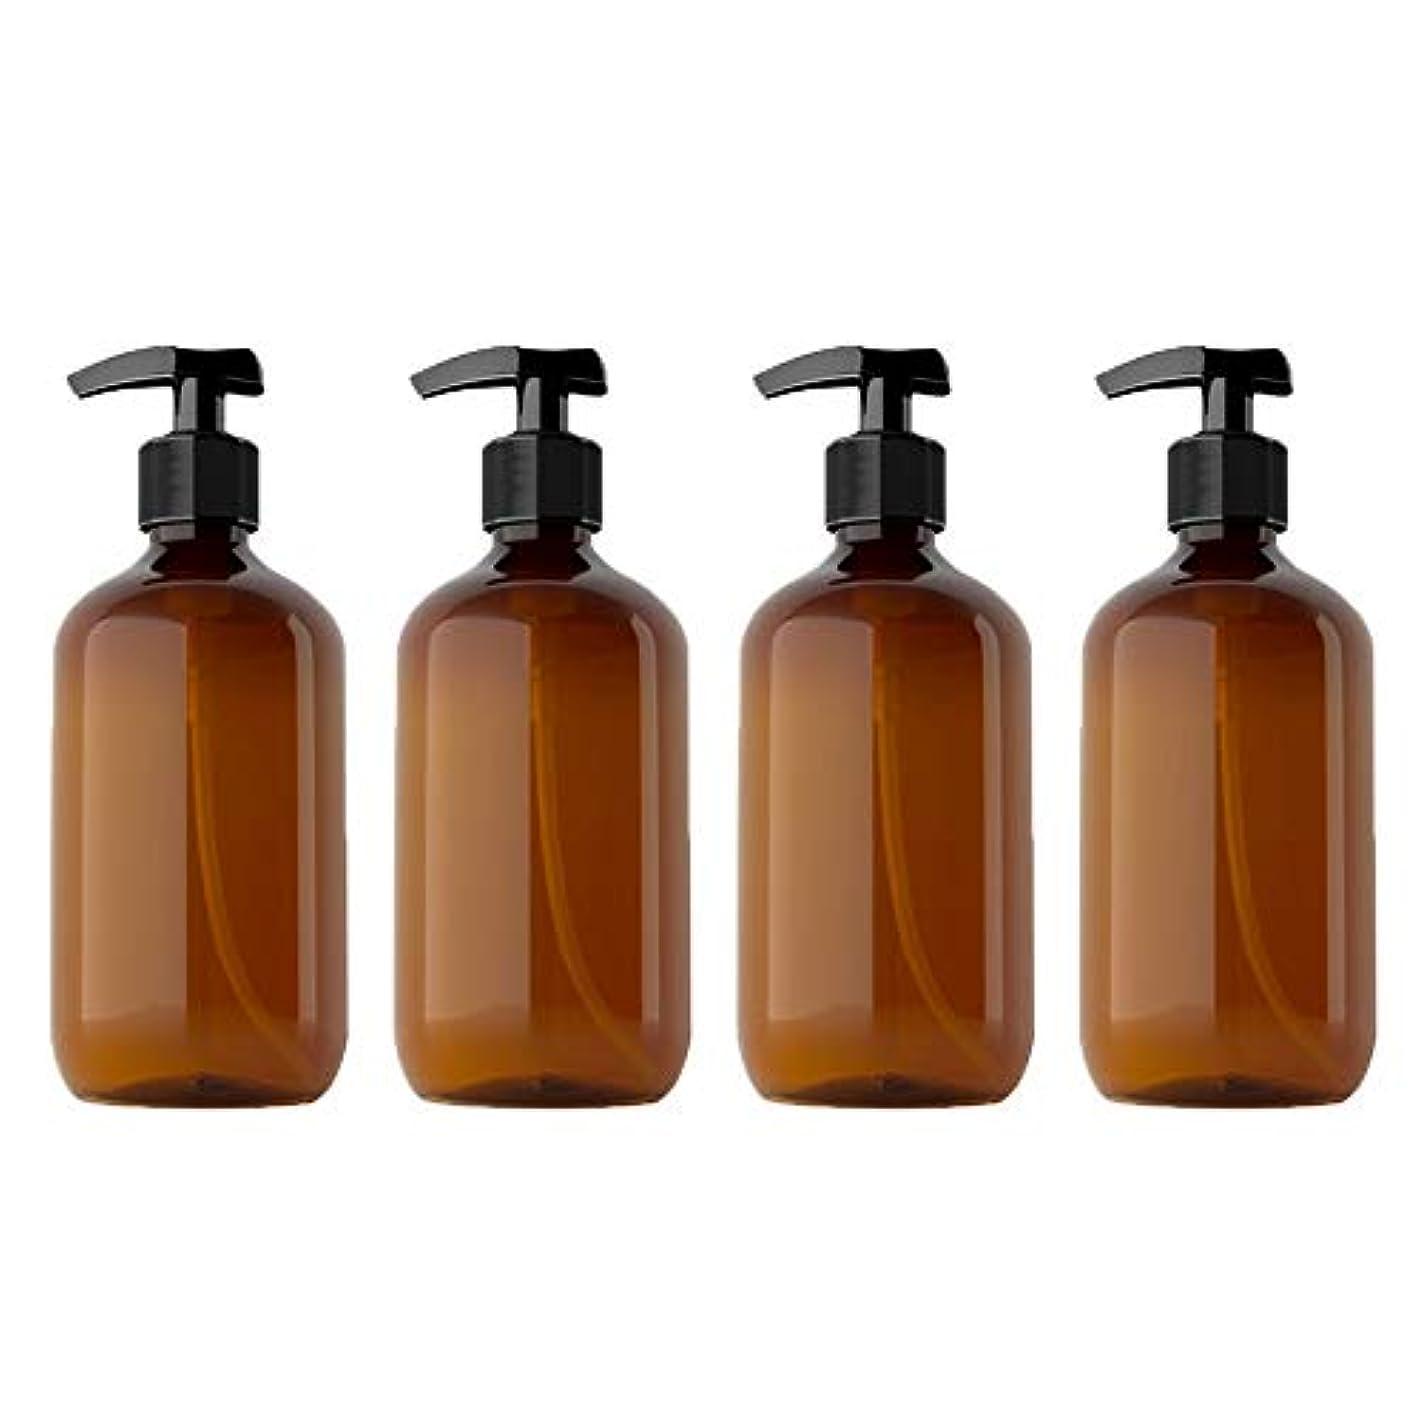 ミニ舌な望まない500mlペットローションボトルシャンプーボトル、4パック空のPlasticプラスチックポンプボトル、詰め替えローション液体石鹸ポンプエッセンシャルオイル、クリーニング製品、ローションの茶色のボトル